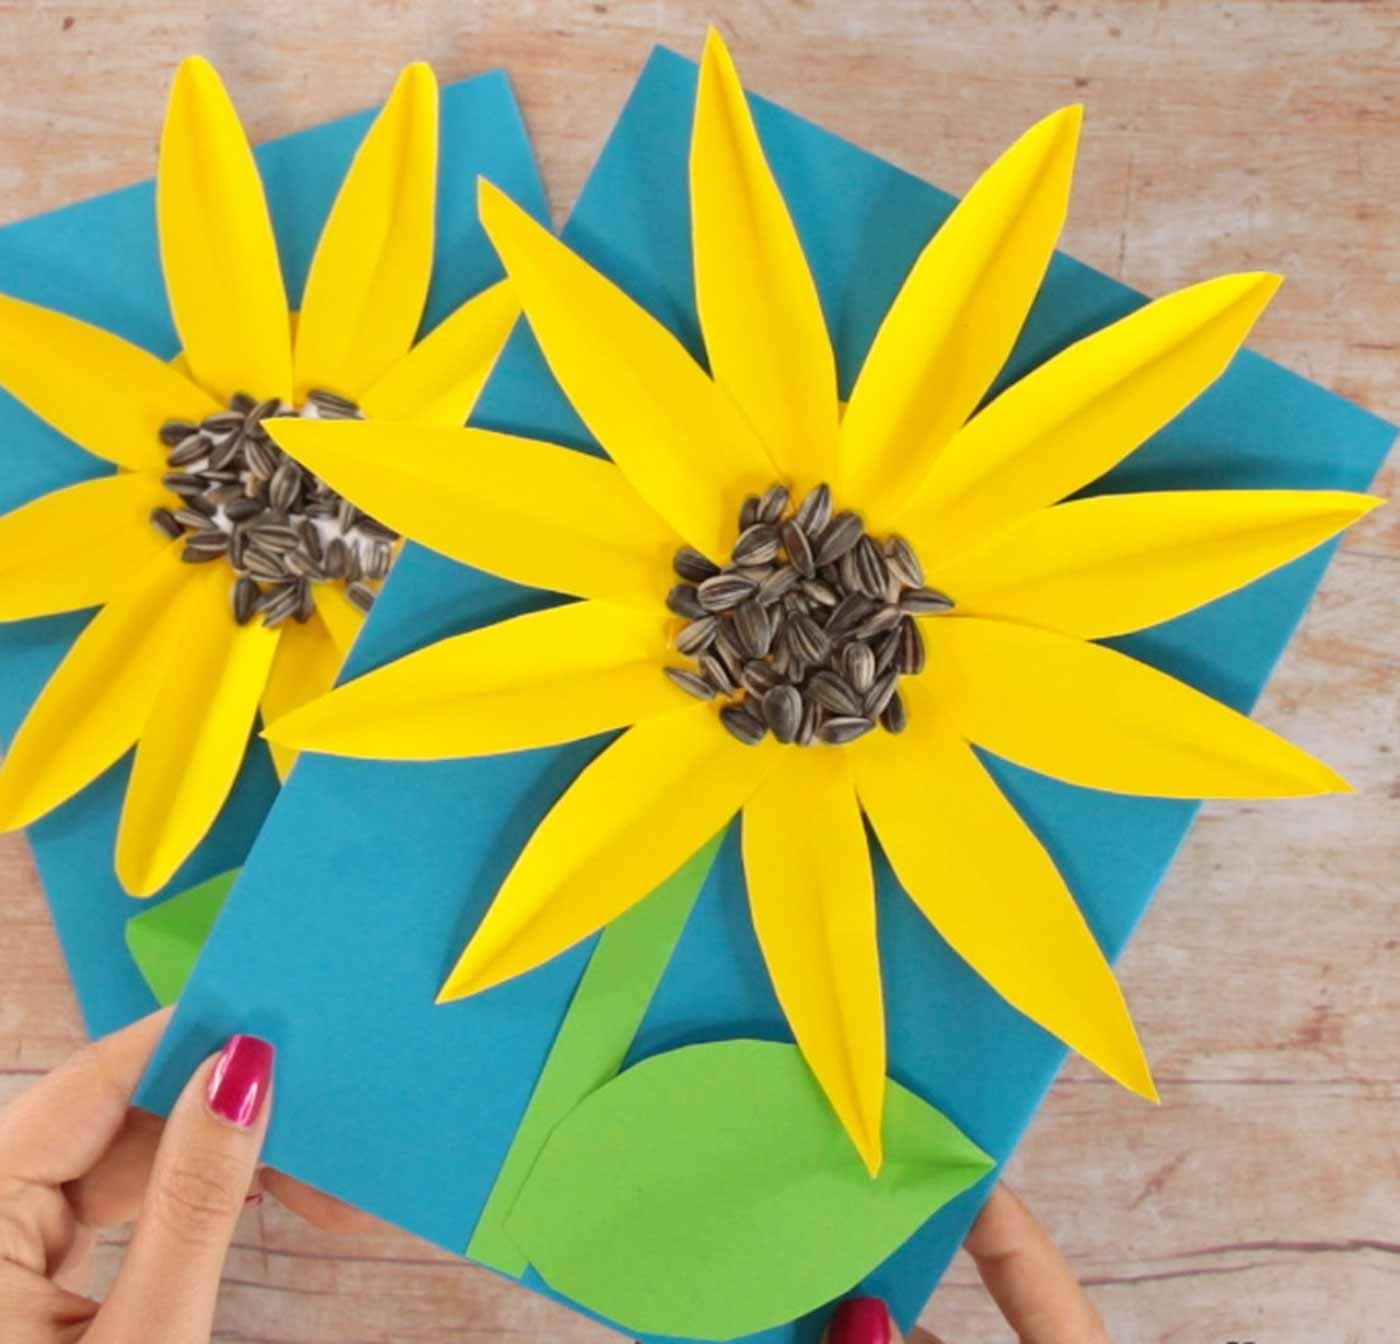 ساخت کاردستی گل آفتاب گردان